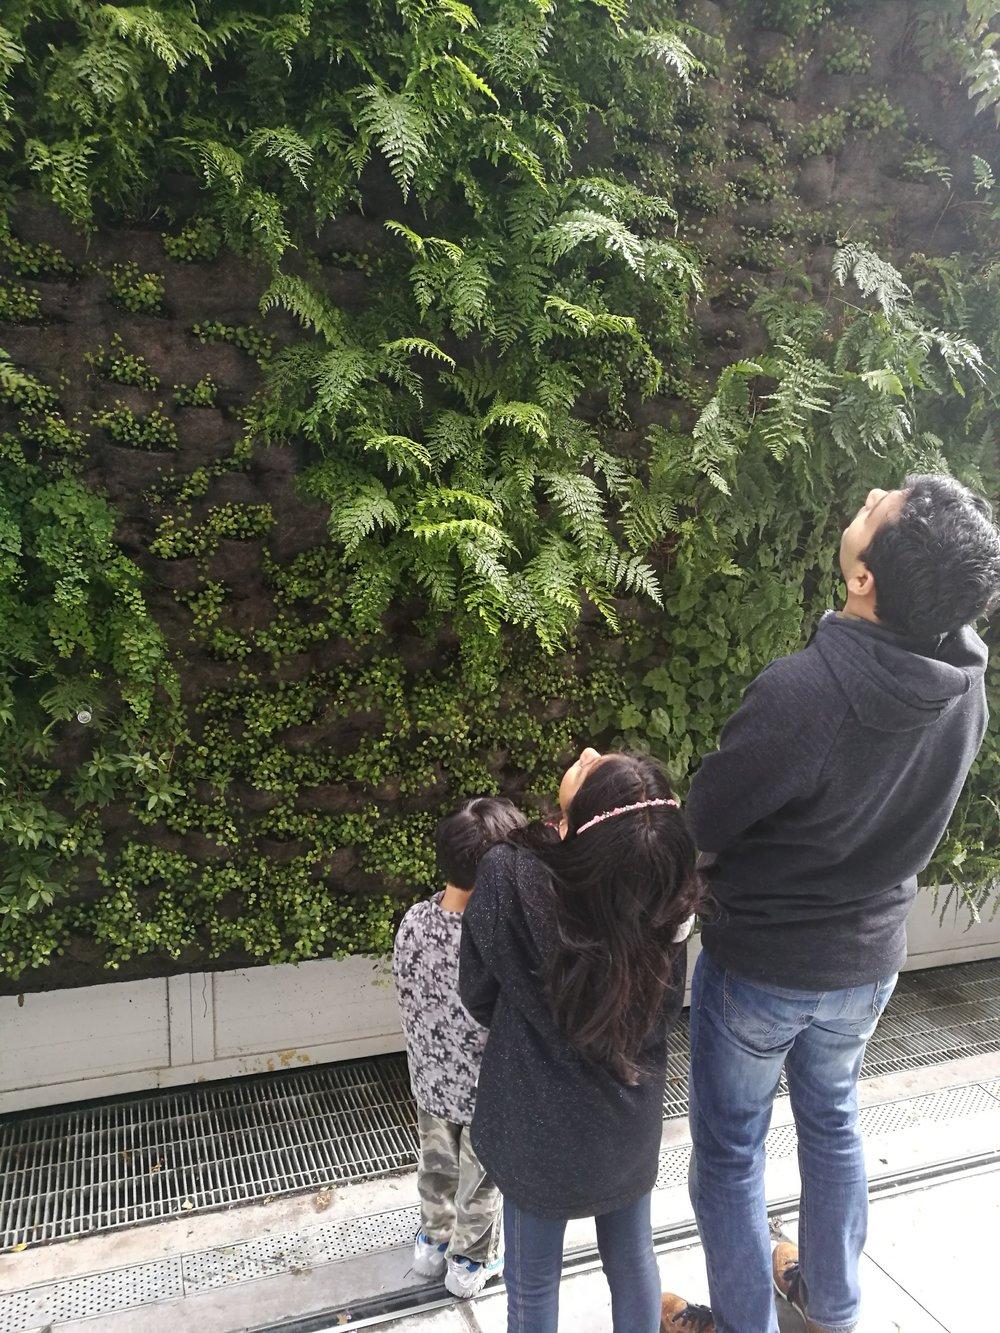 Living wall at SF MOMA